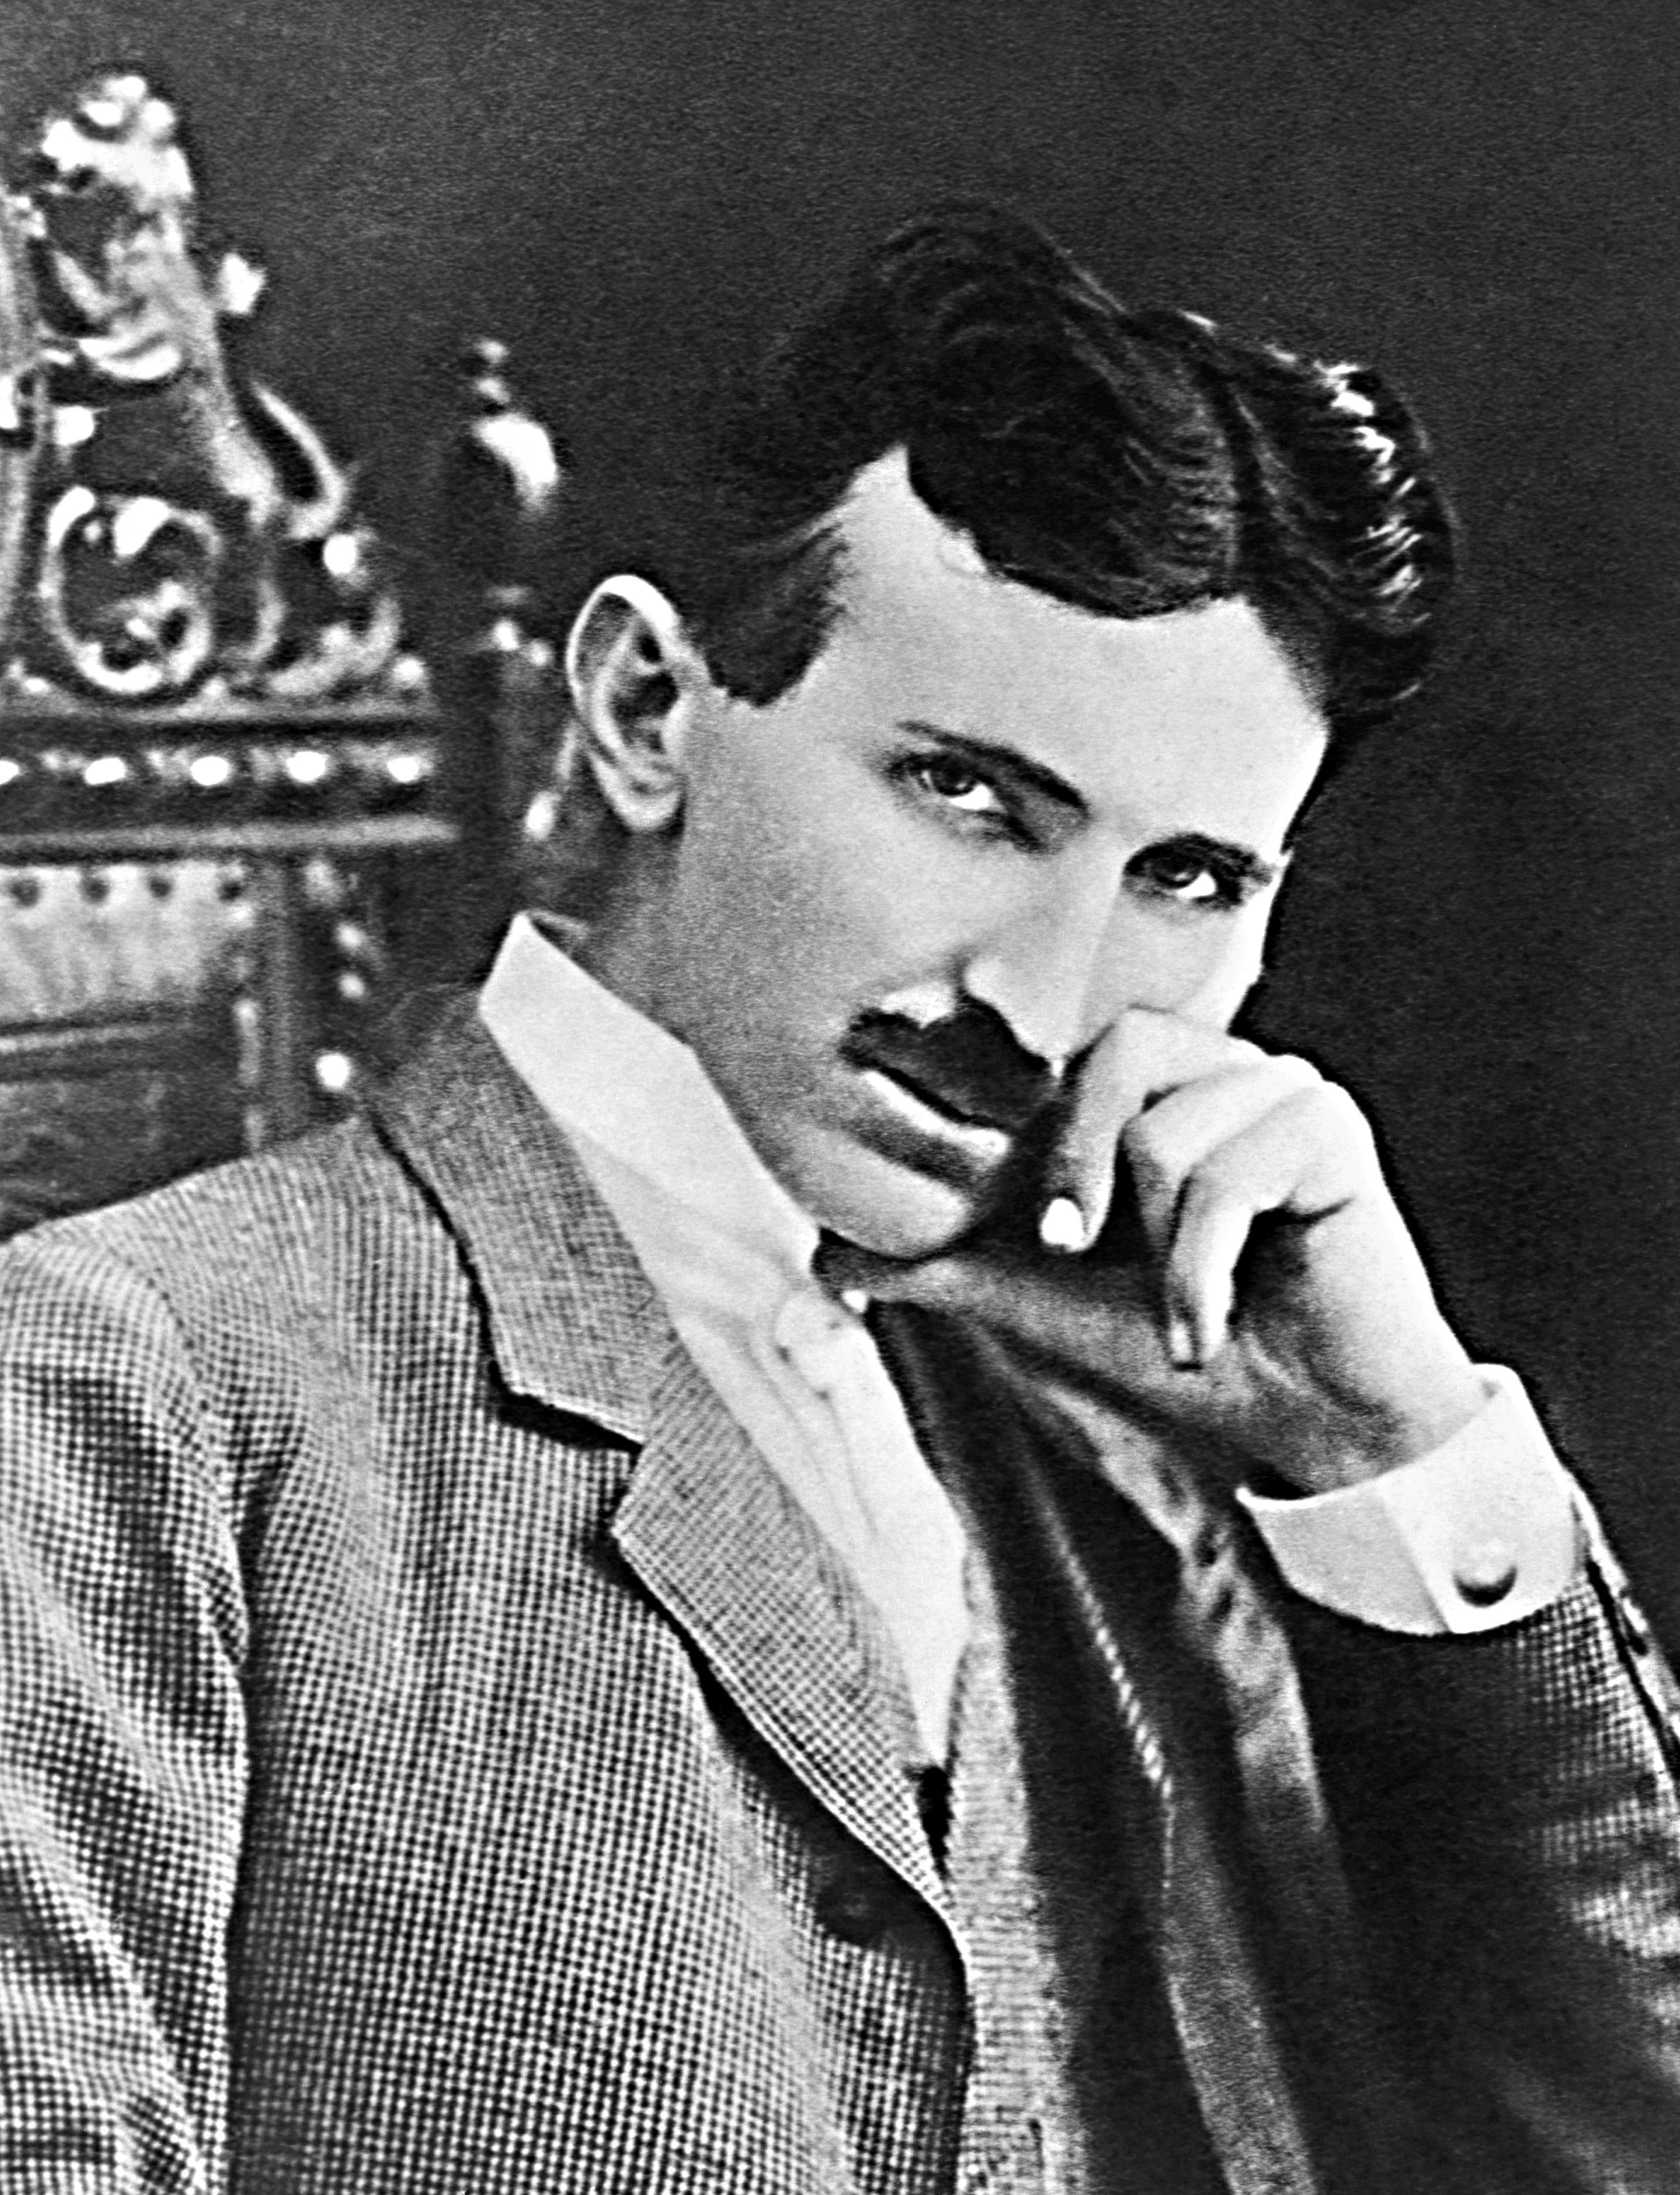 1901 публикуется статья с заявлением Тесла под заголовком «Разговаривая с планетами.» Тесла заявляет, что общение с жителями других миров с других планет для него - научная реальность.